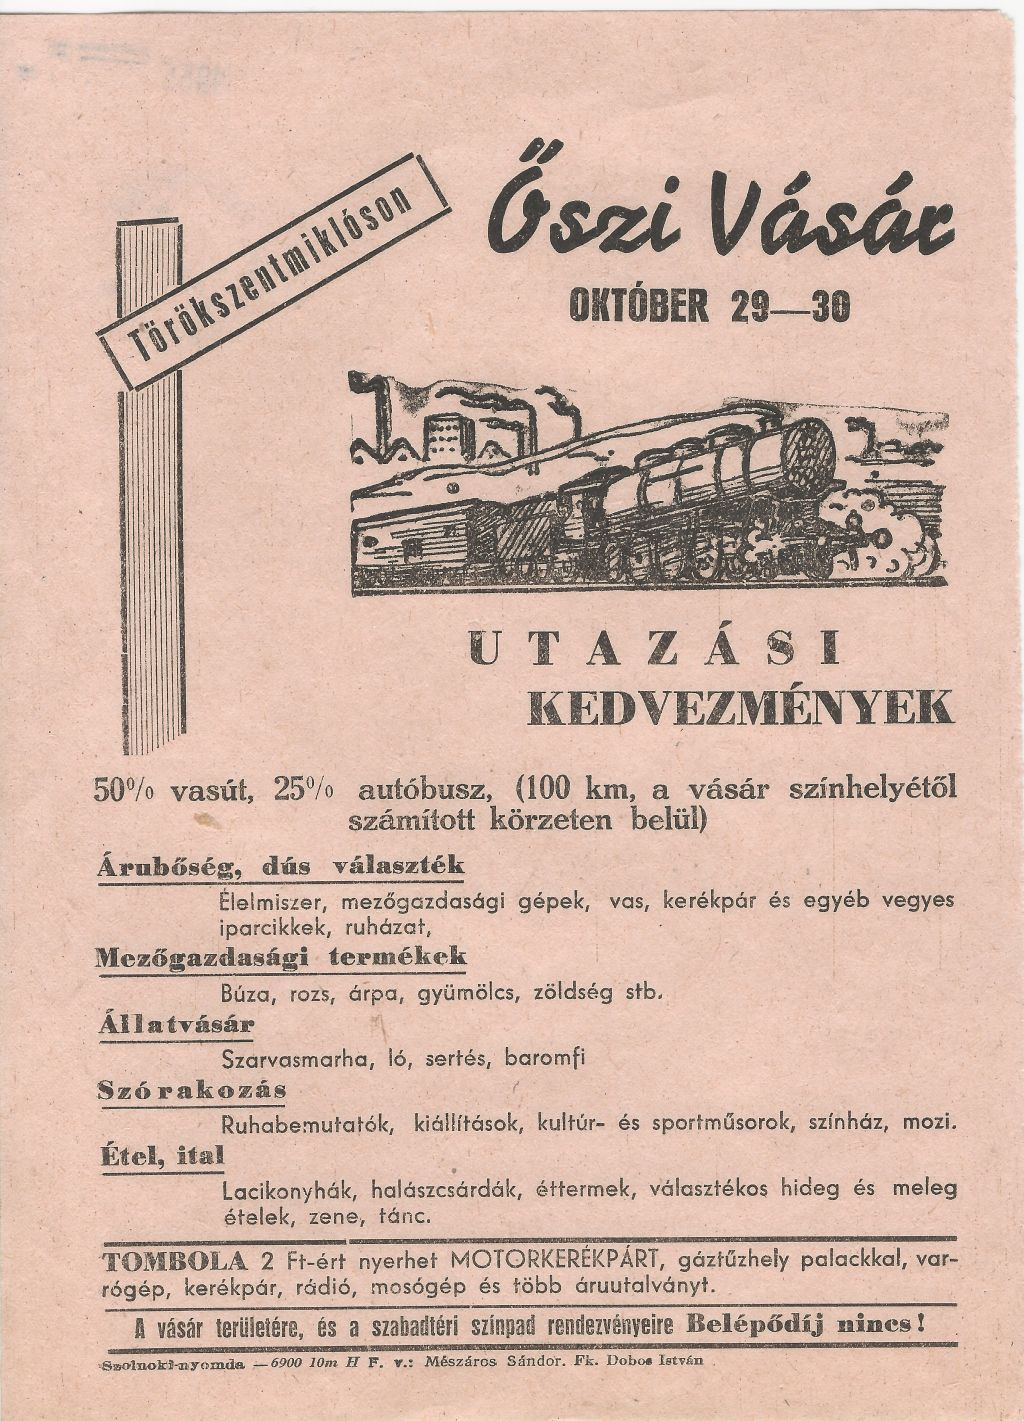 Őszi Vásár Törökszentmiklóson 1955. október 29-30-án.